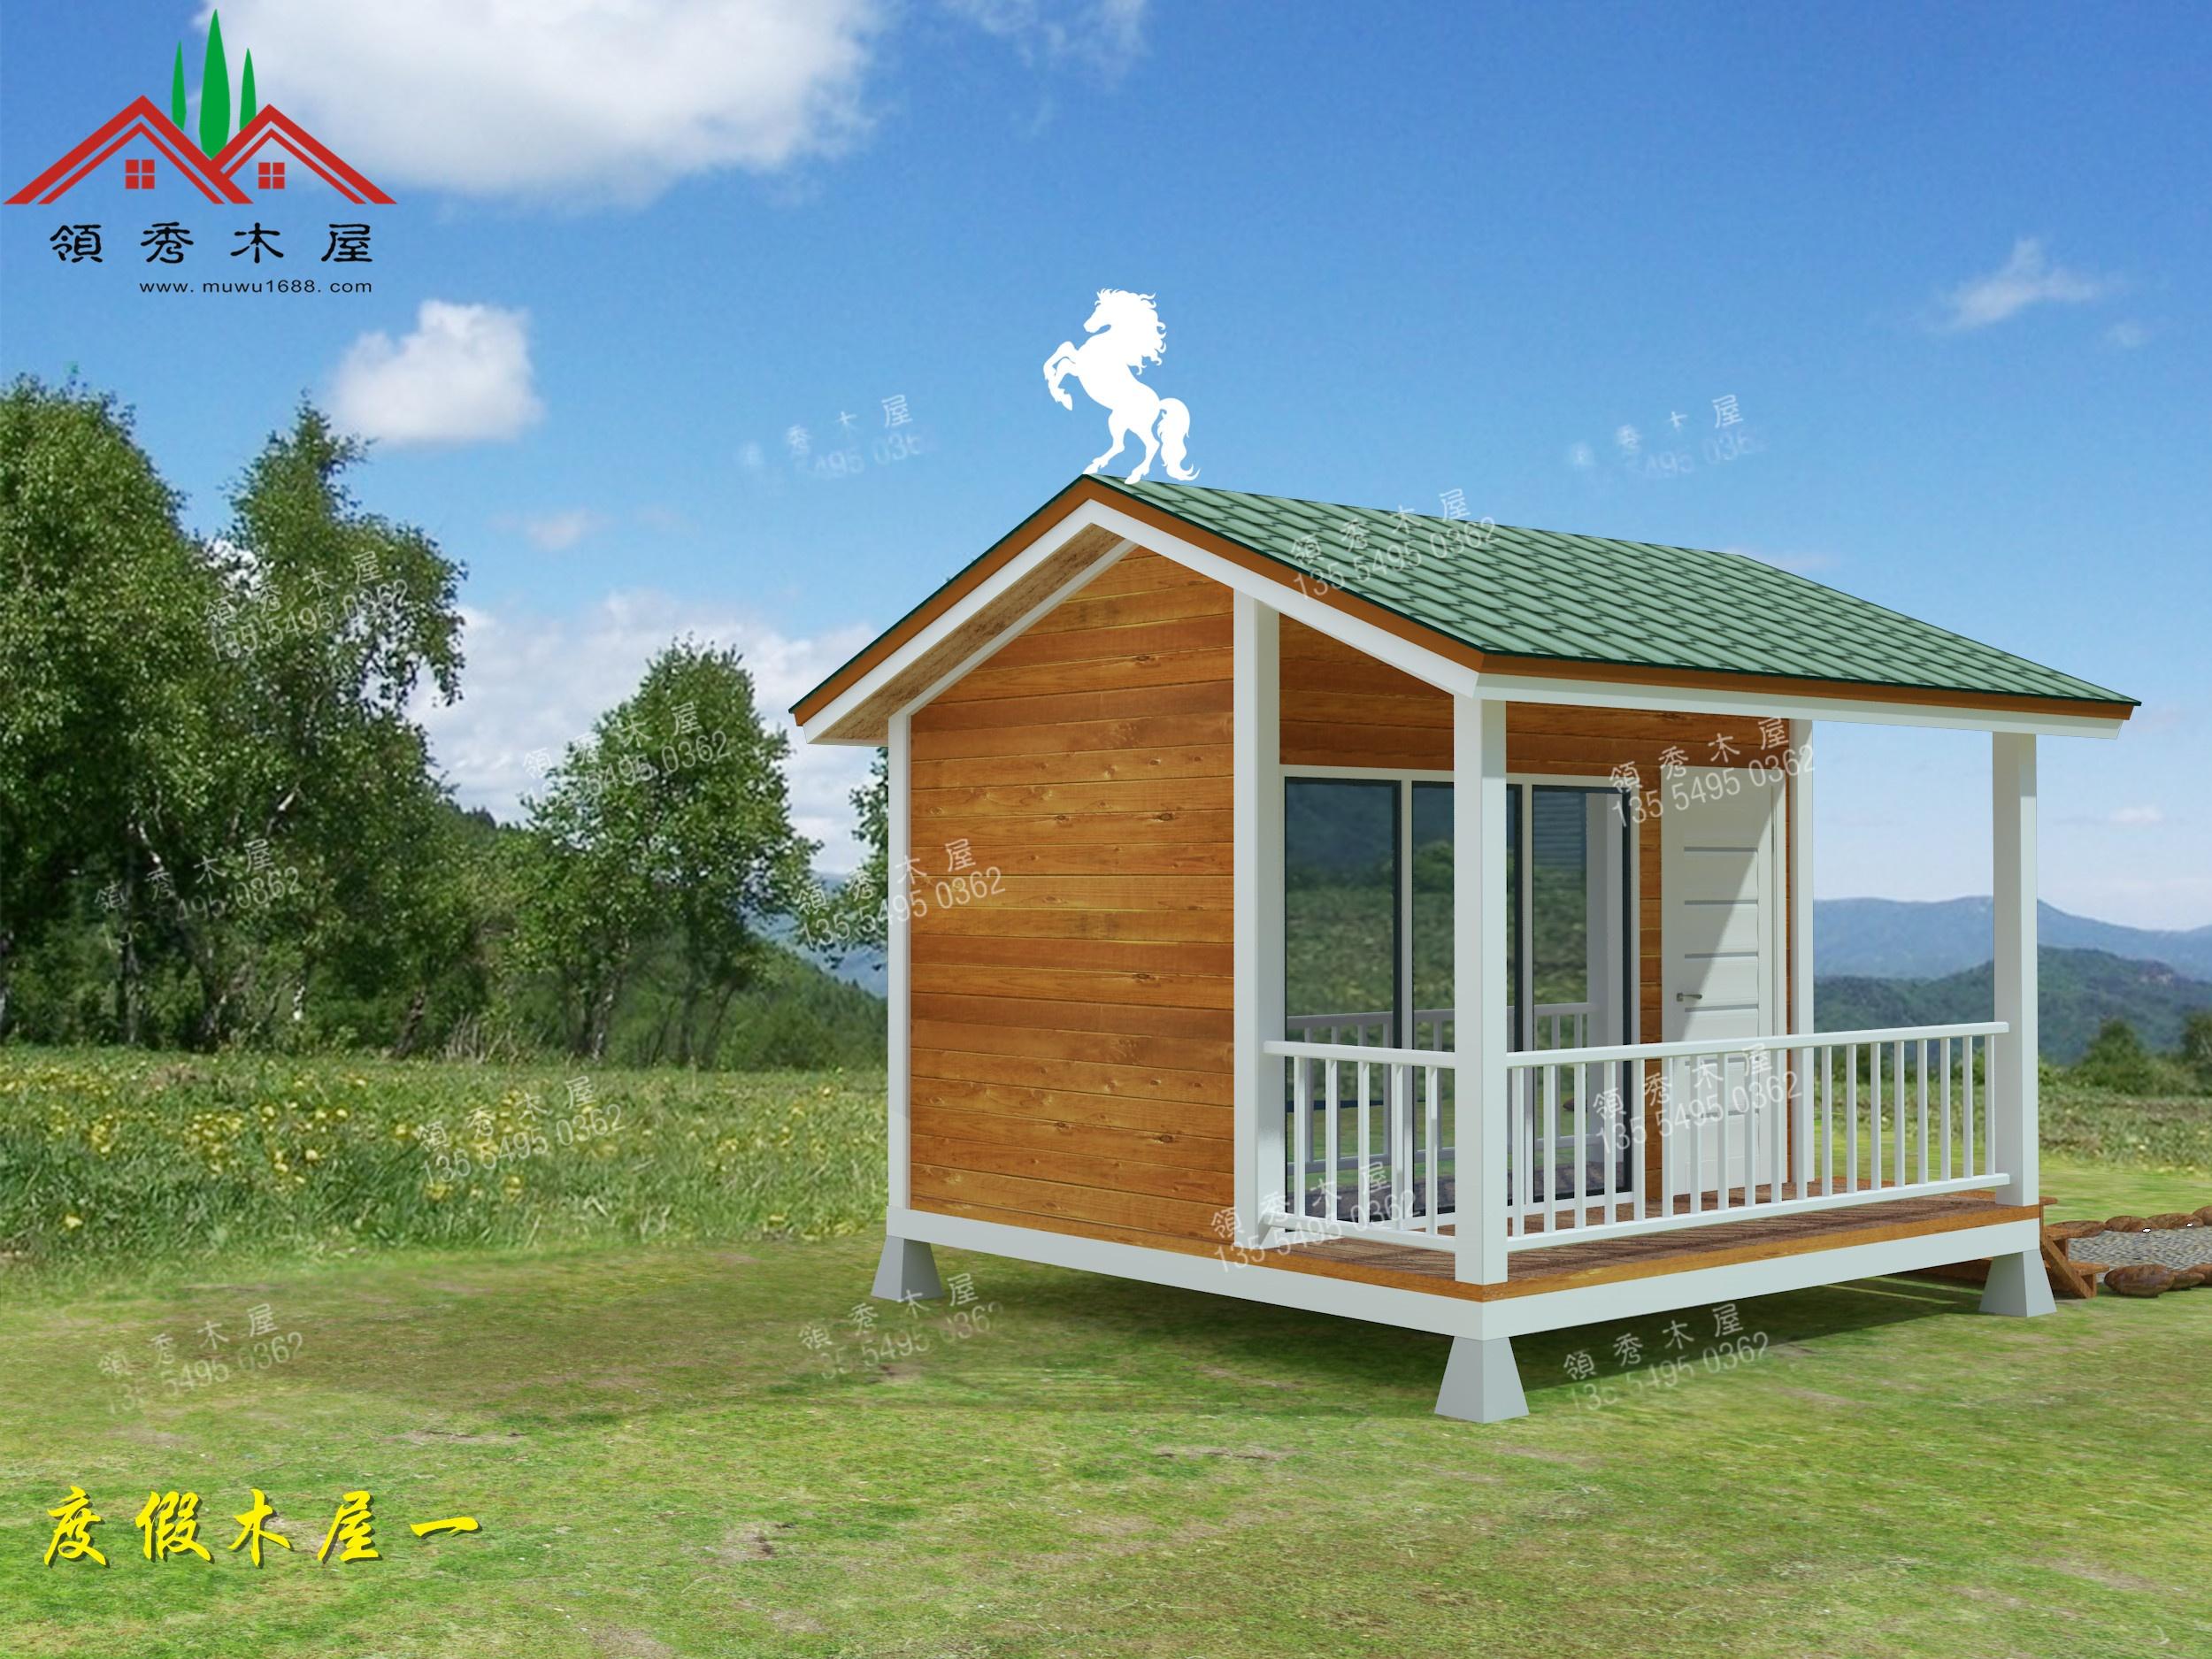 新款户外休闲度假小木屋